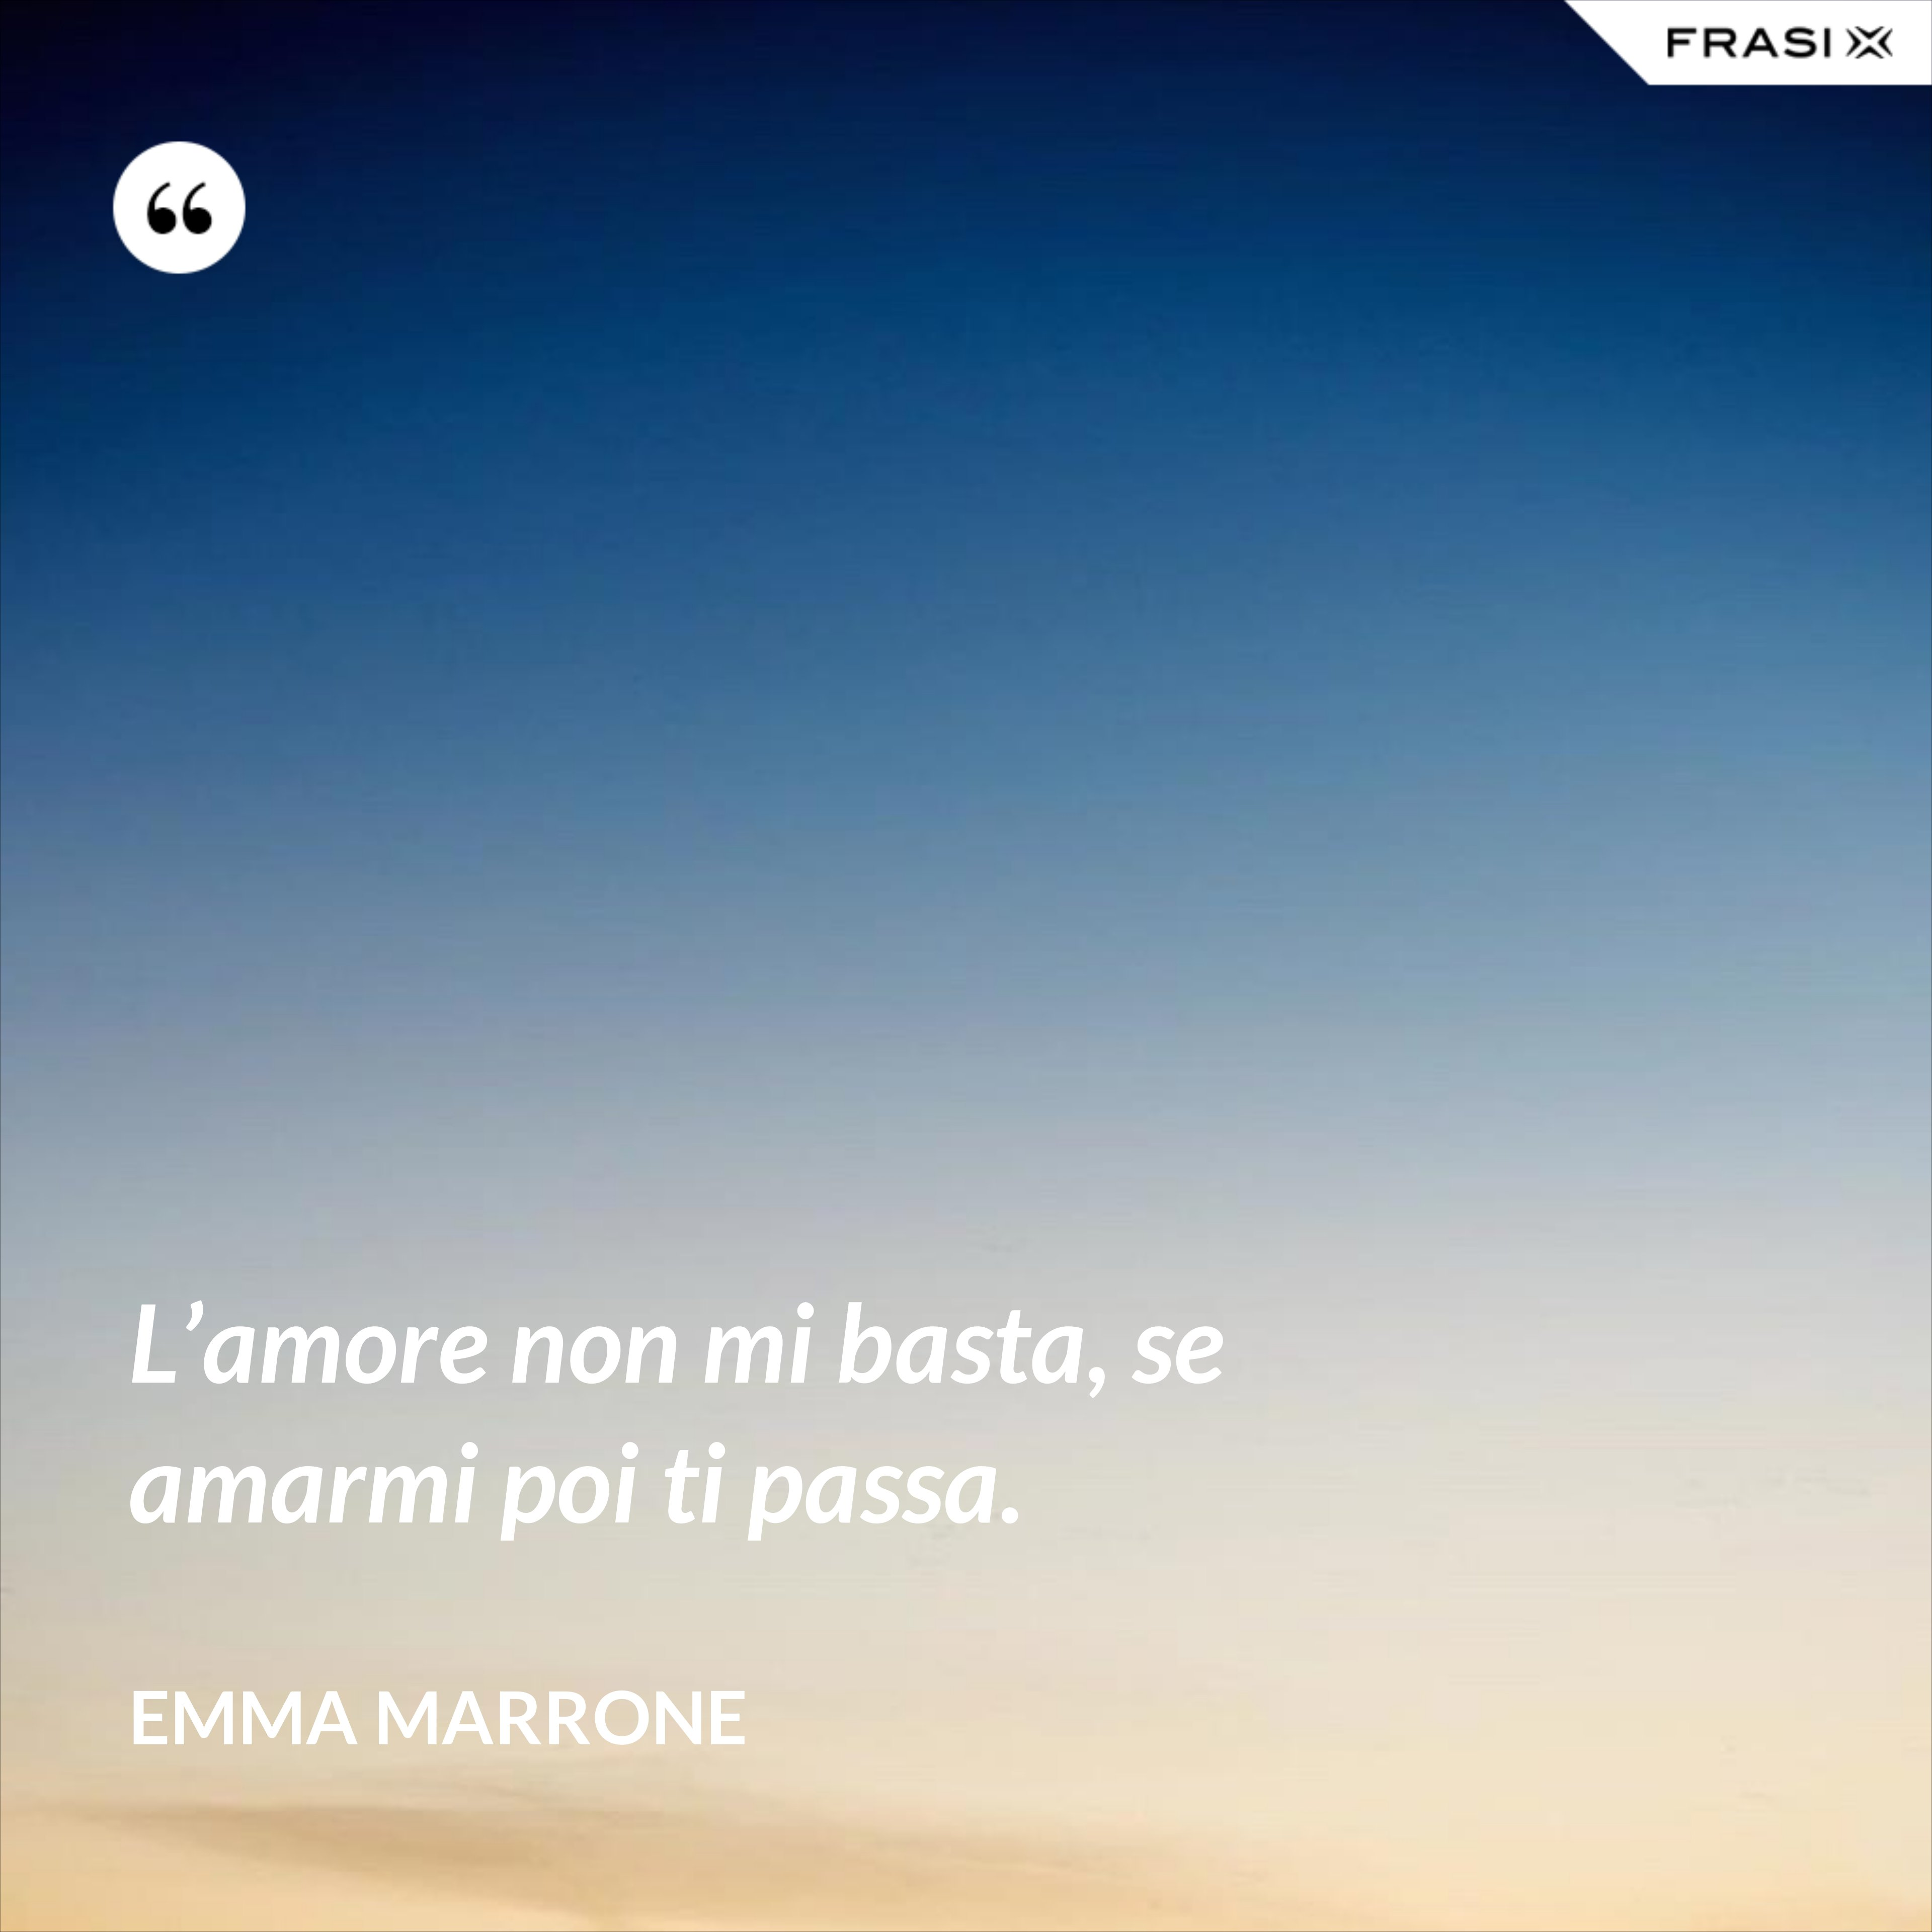 L'amore non mi basta, se amarmi poi ti passa. - Emma Marrone